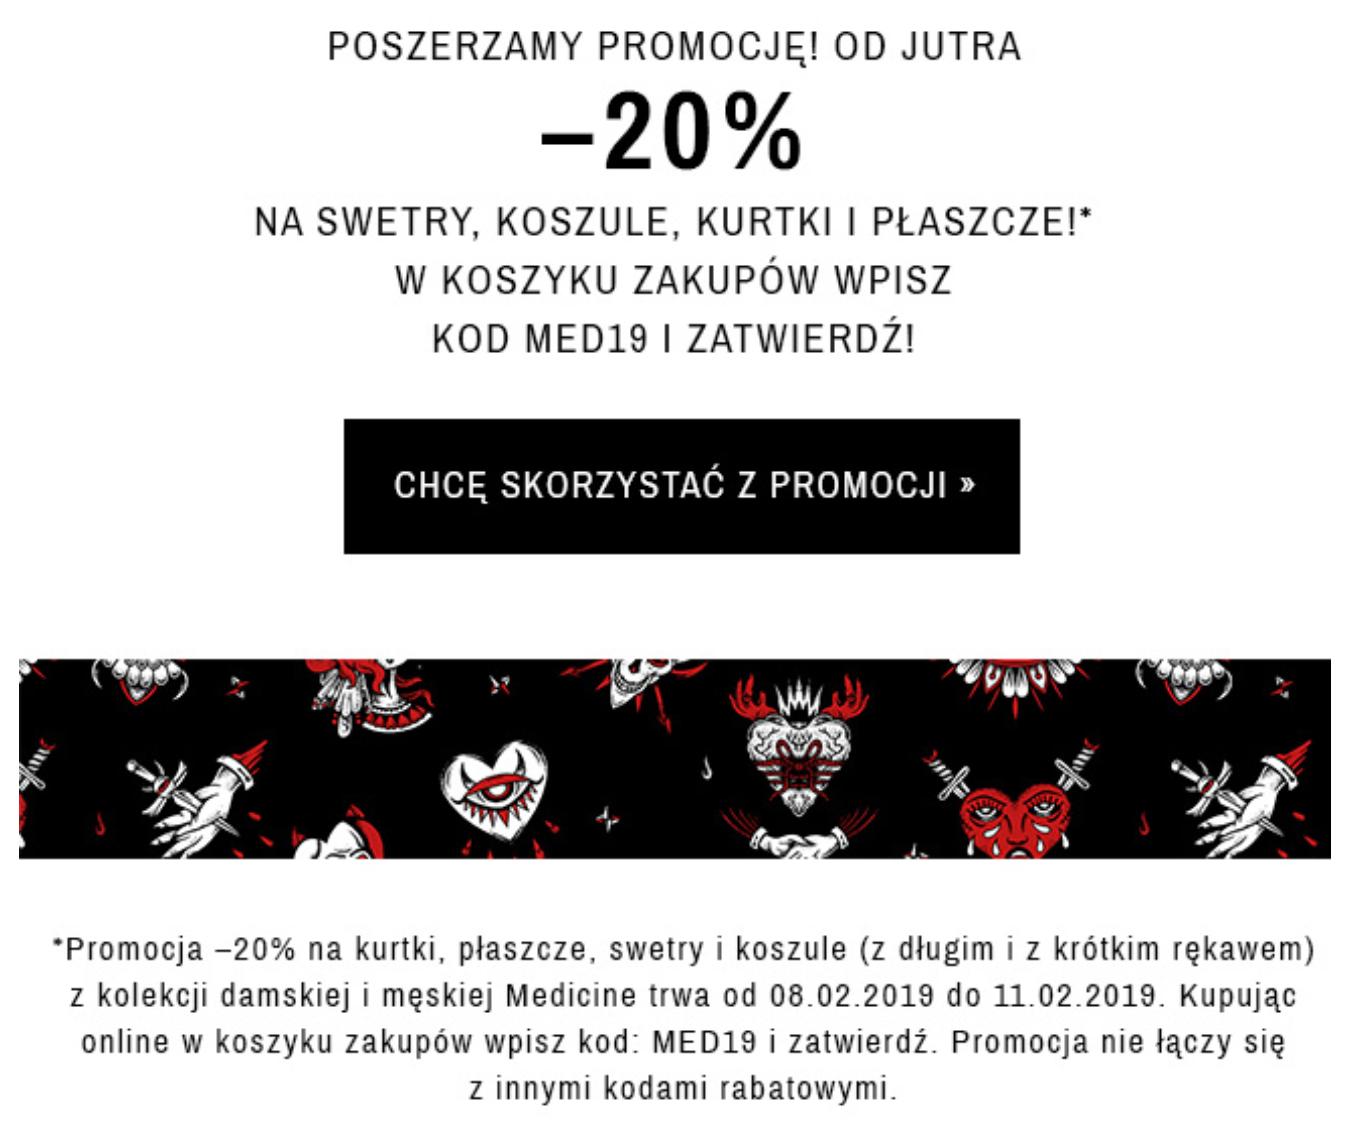 Medicine - 20% swetry, koszule, kurtki, płaszcze